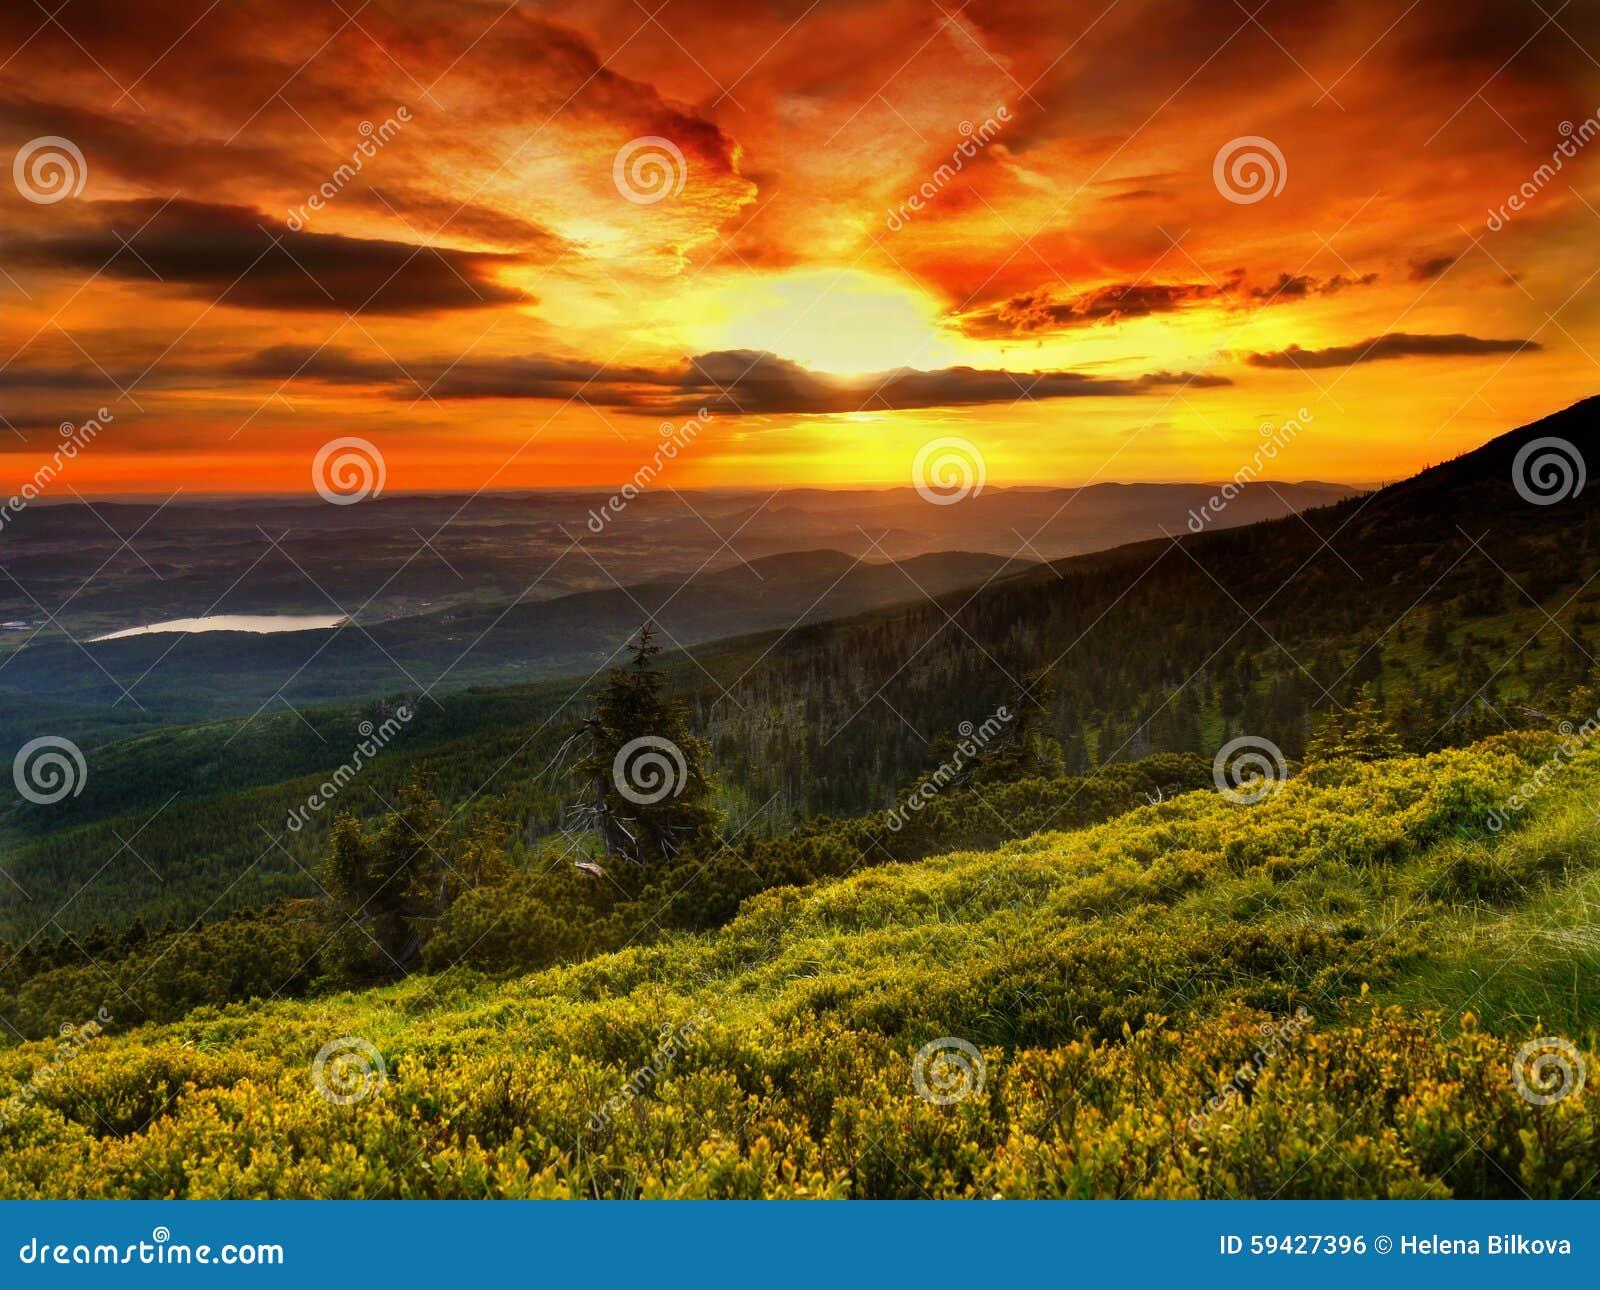 Ajardine, los colores mágicos, salida del sol, prado de la montaña